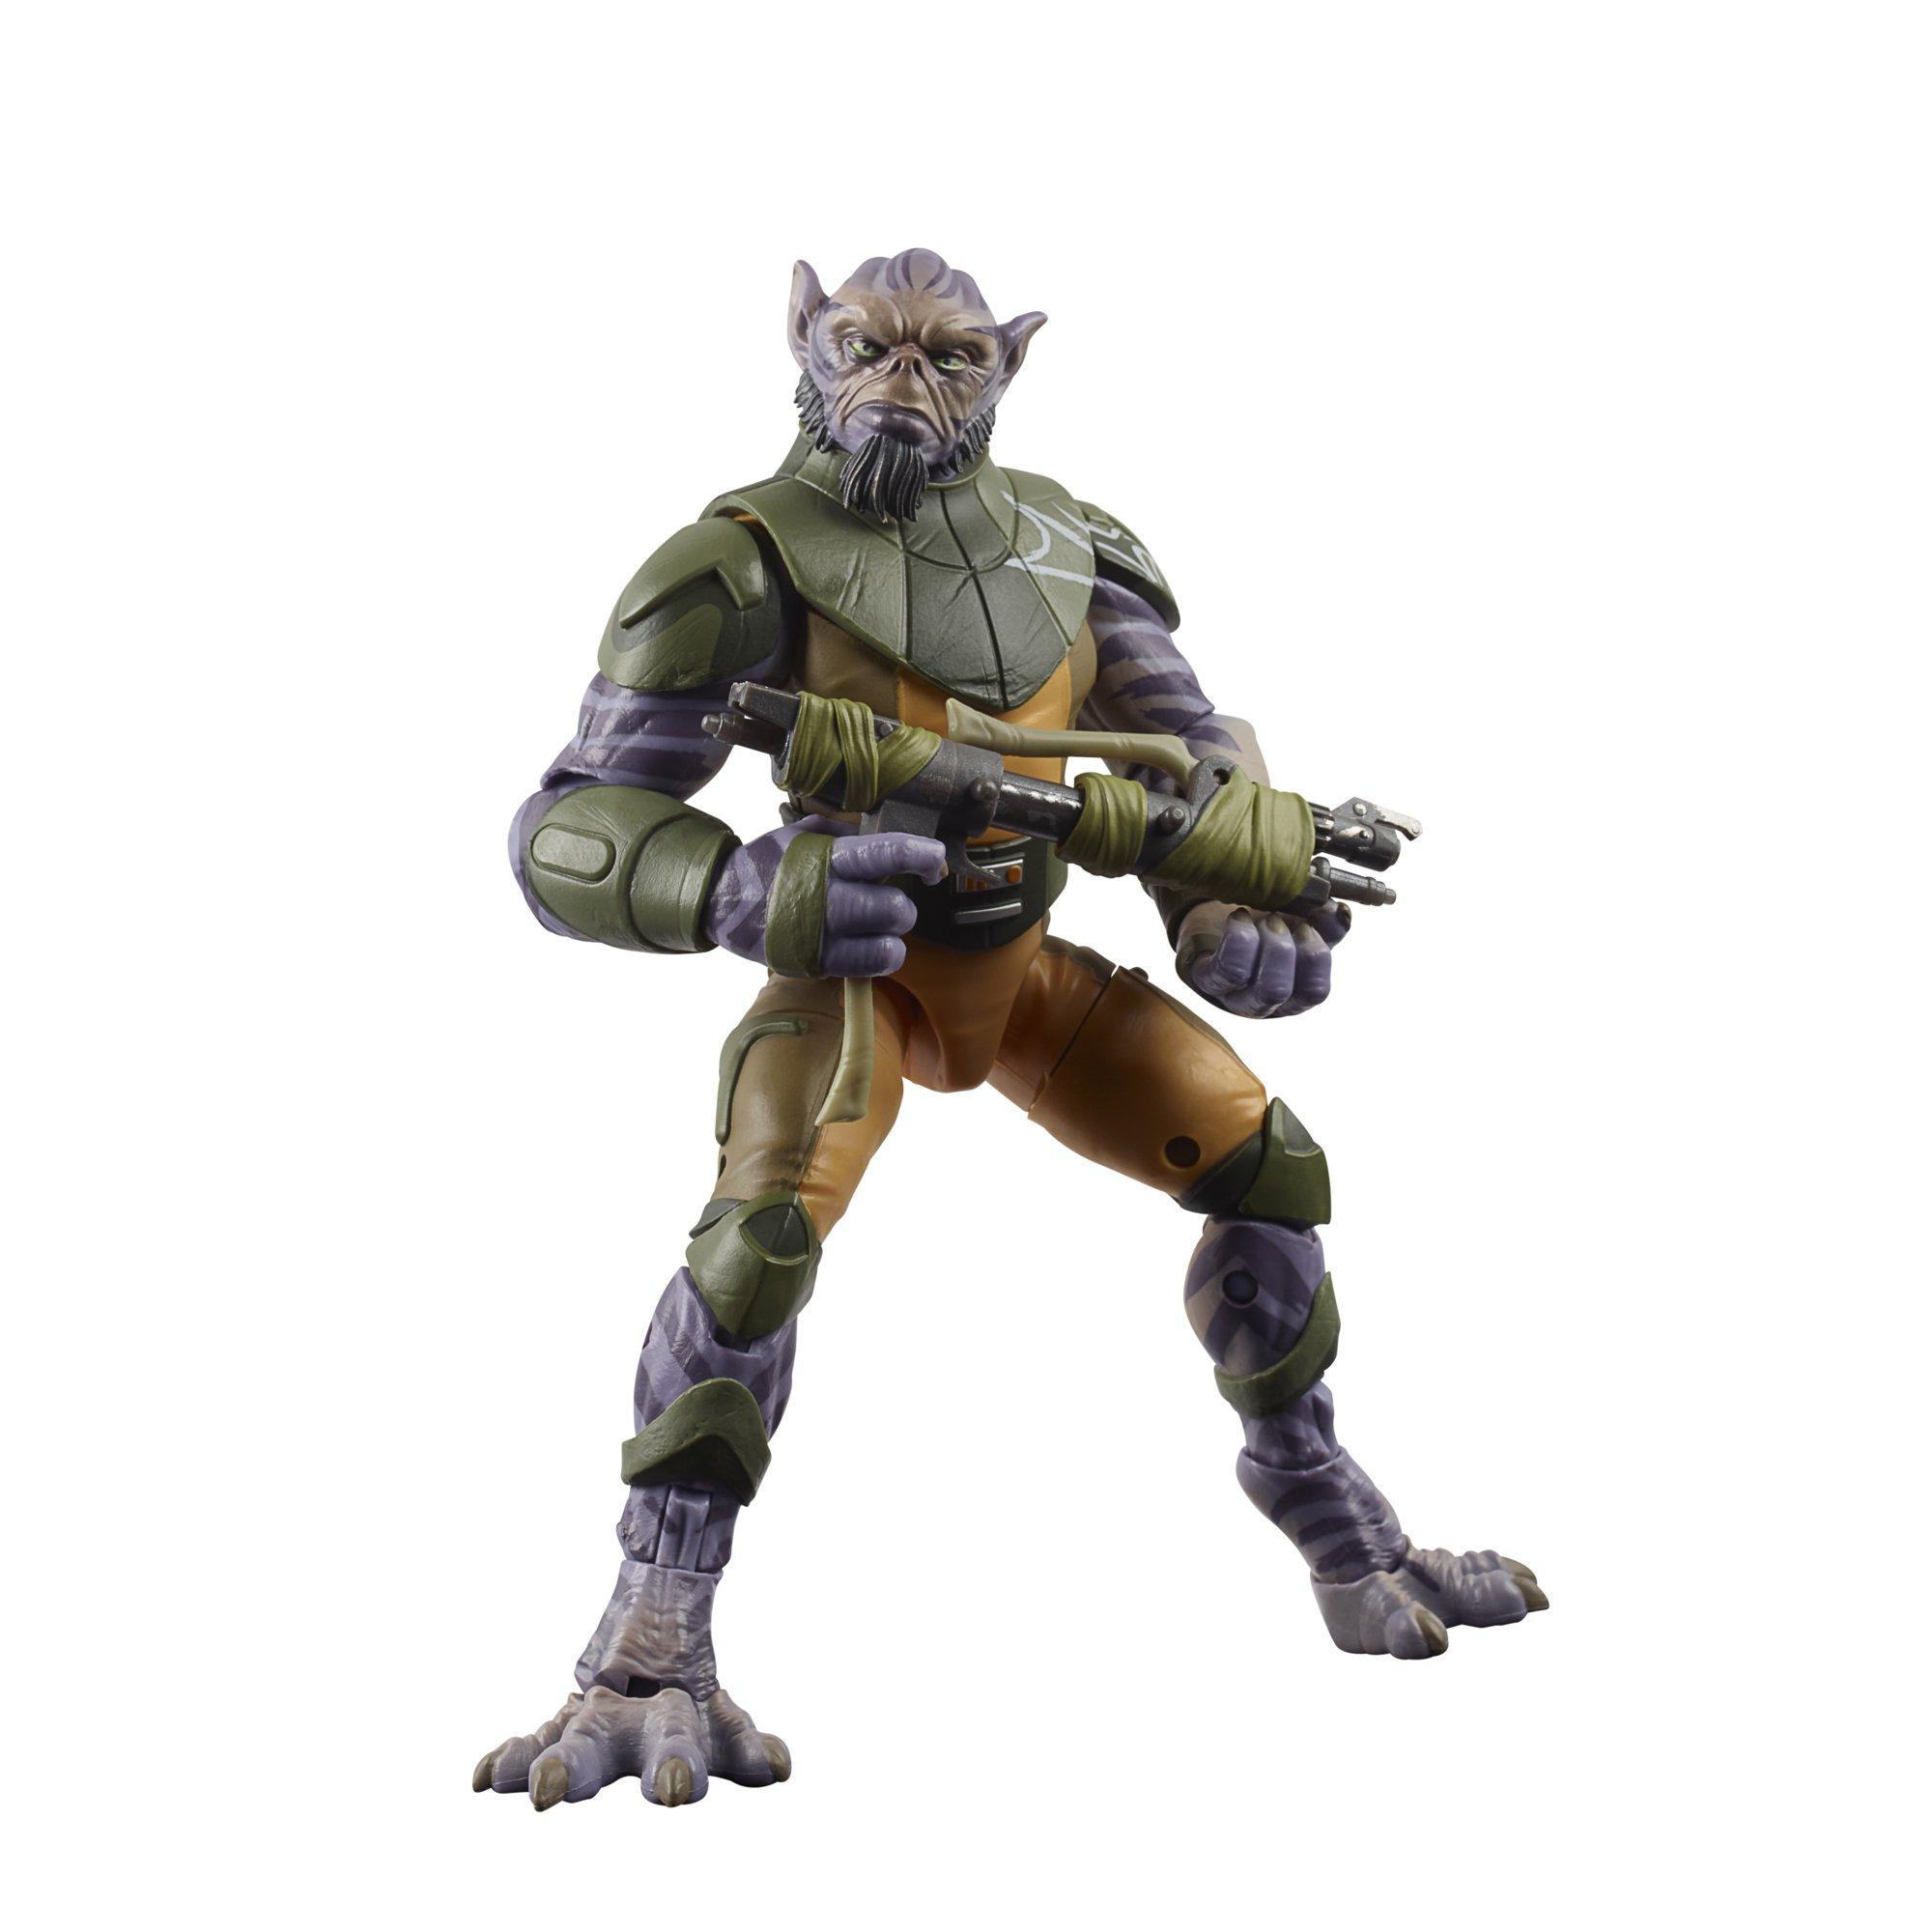 Star Wars Rebels Garazeb Zeb Orrelios The Black Series Deluxe Action Figure